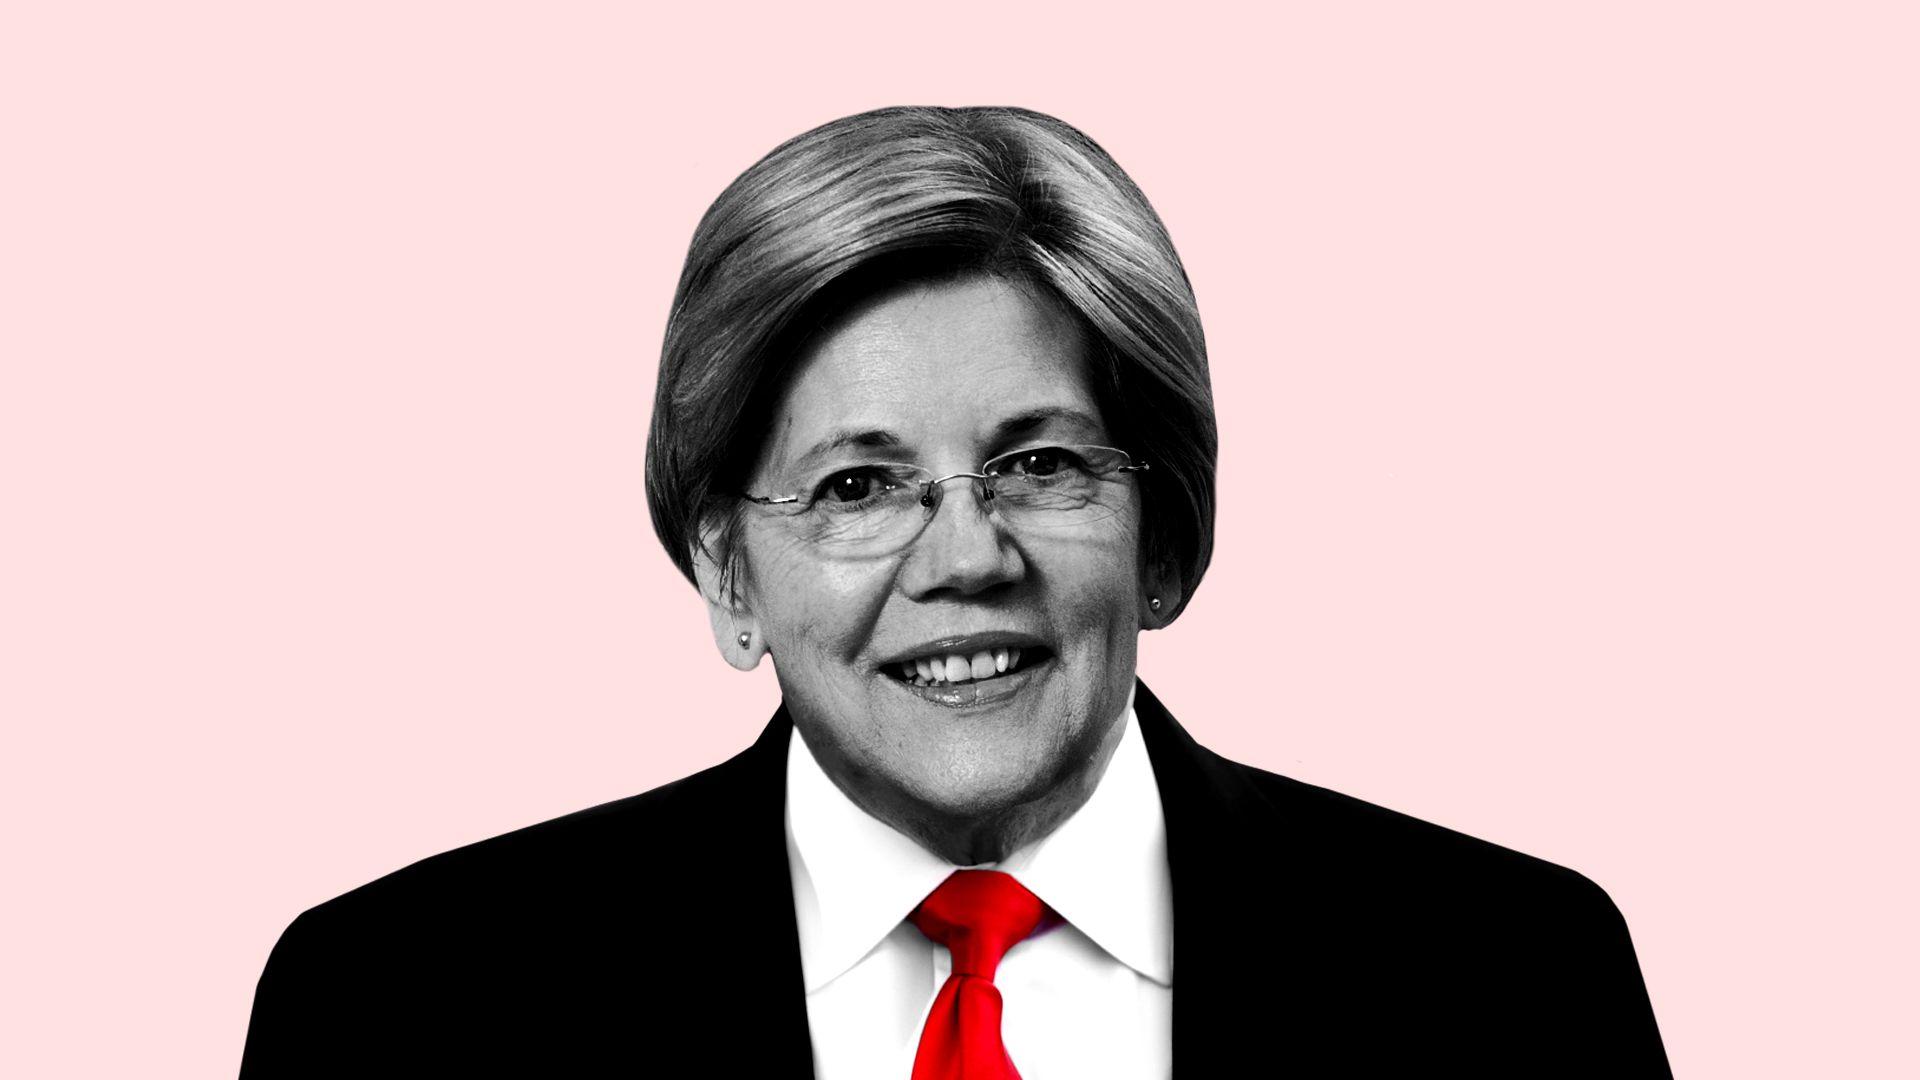 Illustration of Elizabeth Warren's head on Trump's body